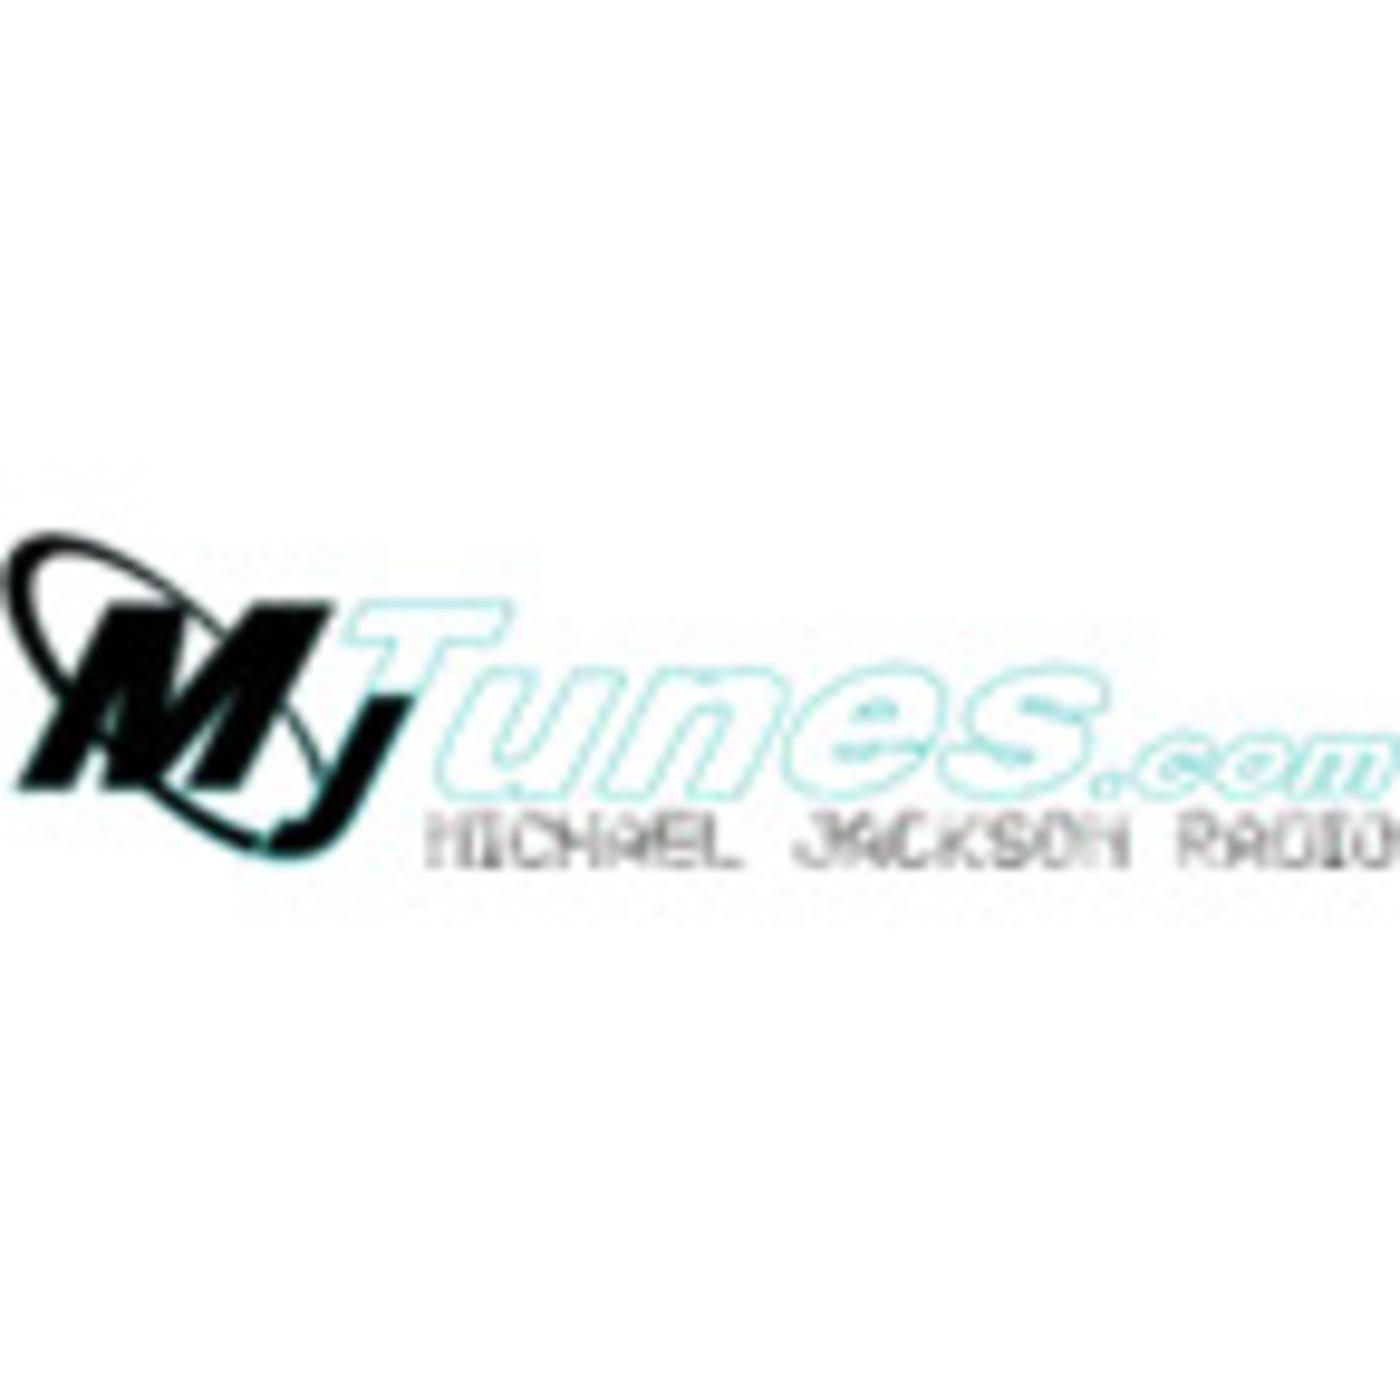 MjTunes Michael Jackson Radio